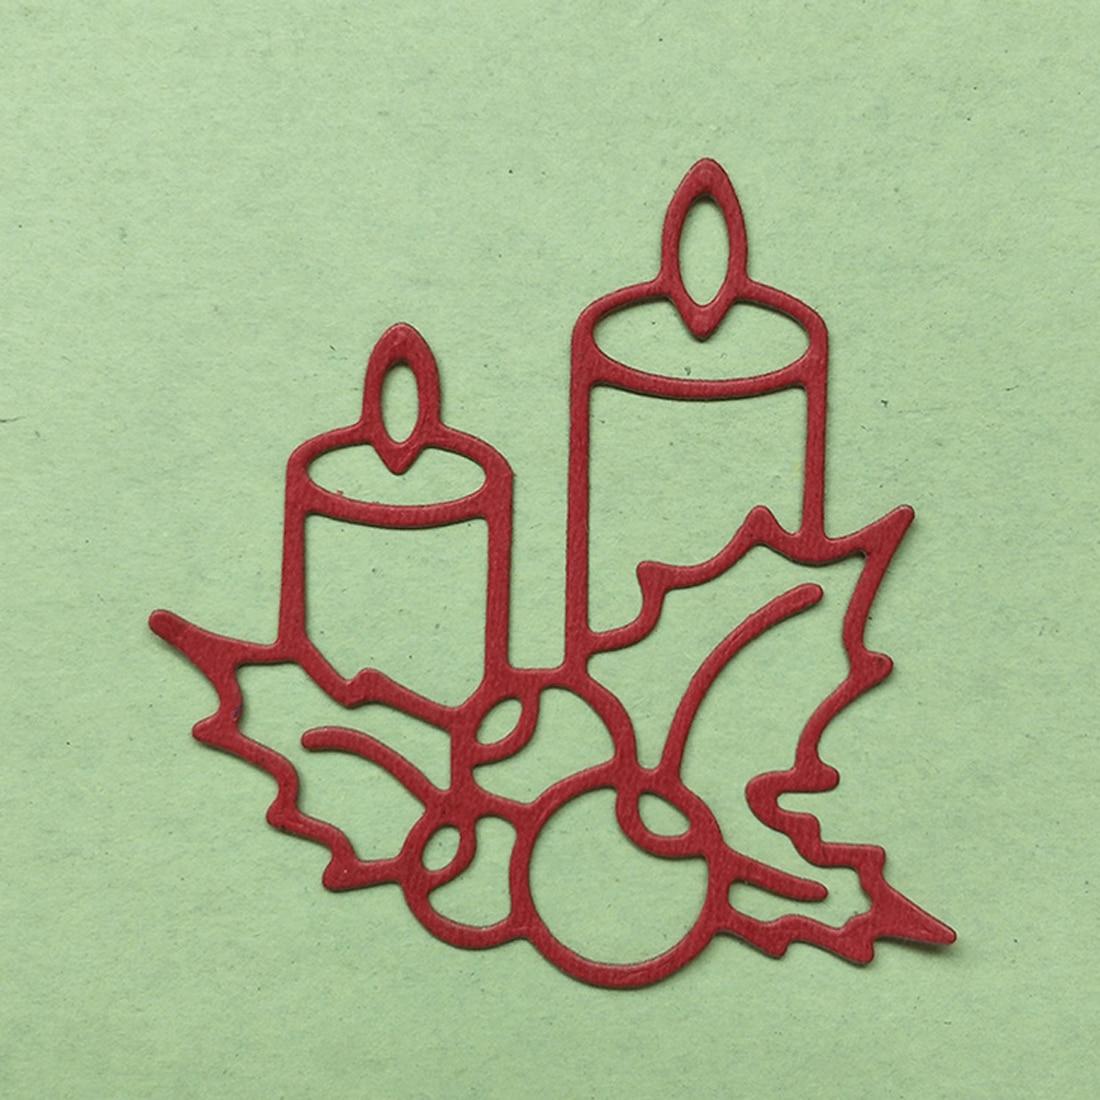 Burning Candle Metal Cutting Dies Stencil for DIY Embossing Scrapbooking Cut Die